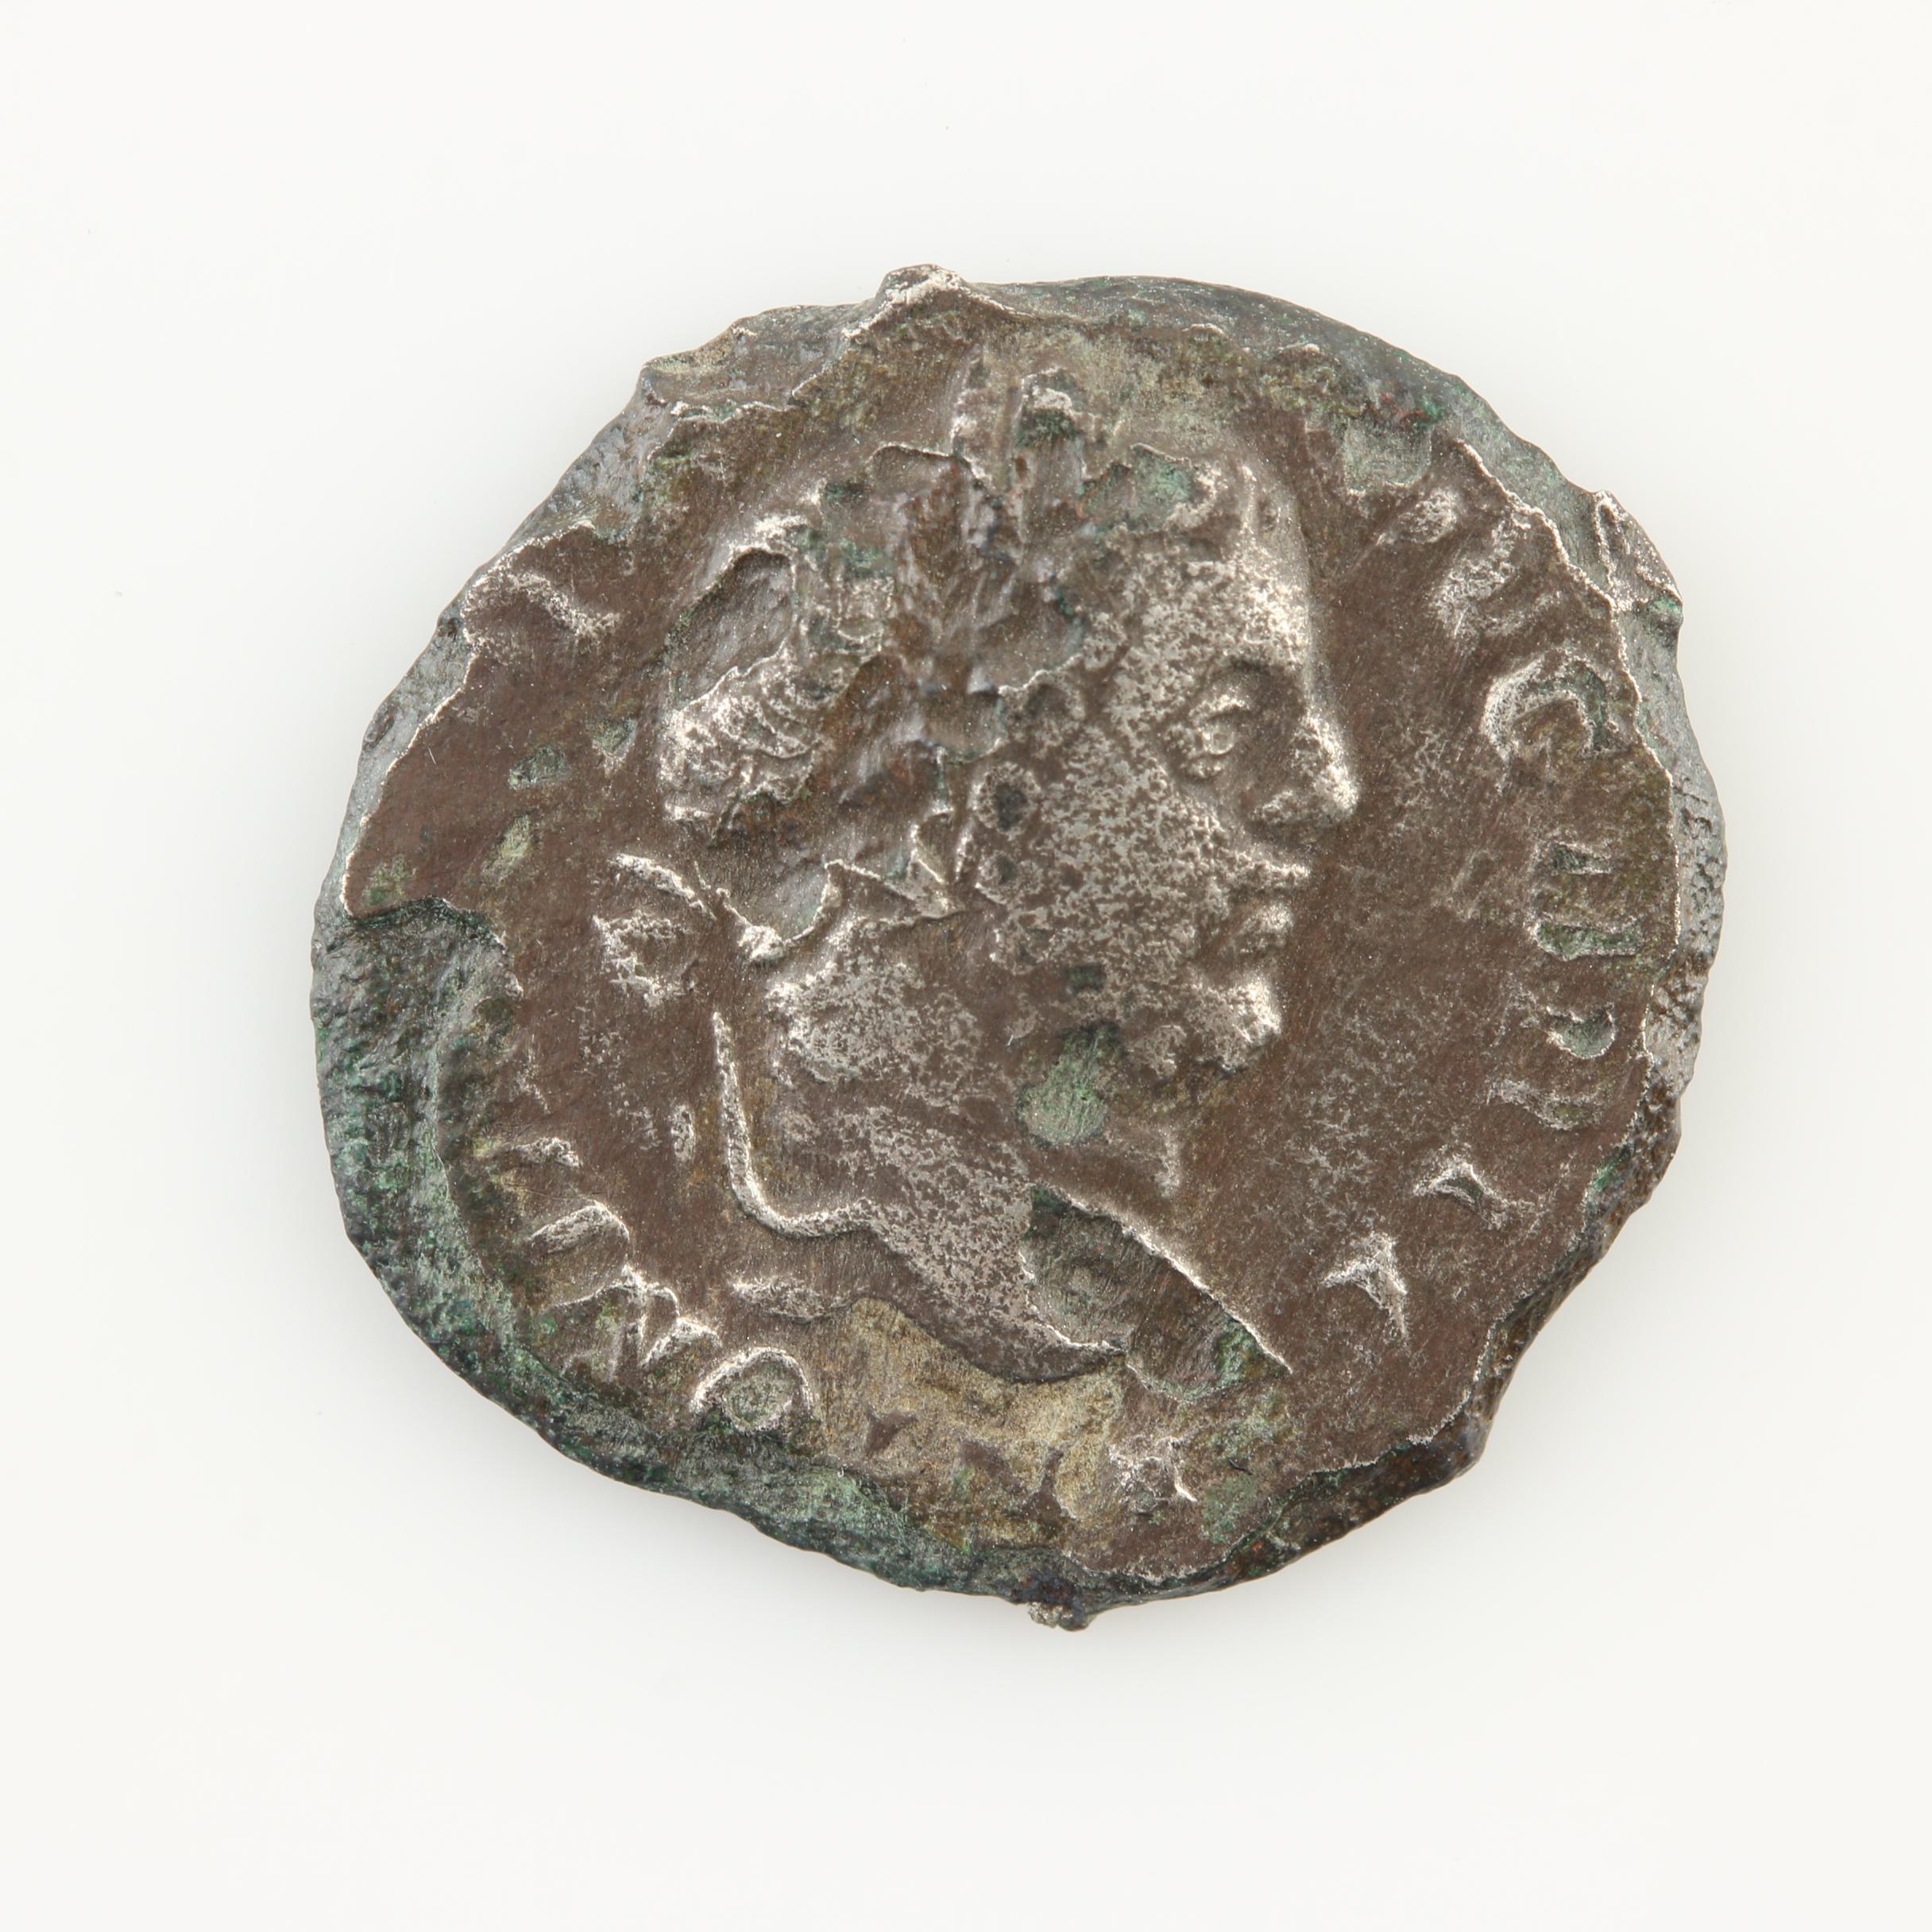 Ancient Roman Imperial Double Denarius, ca. 300 AD